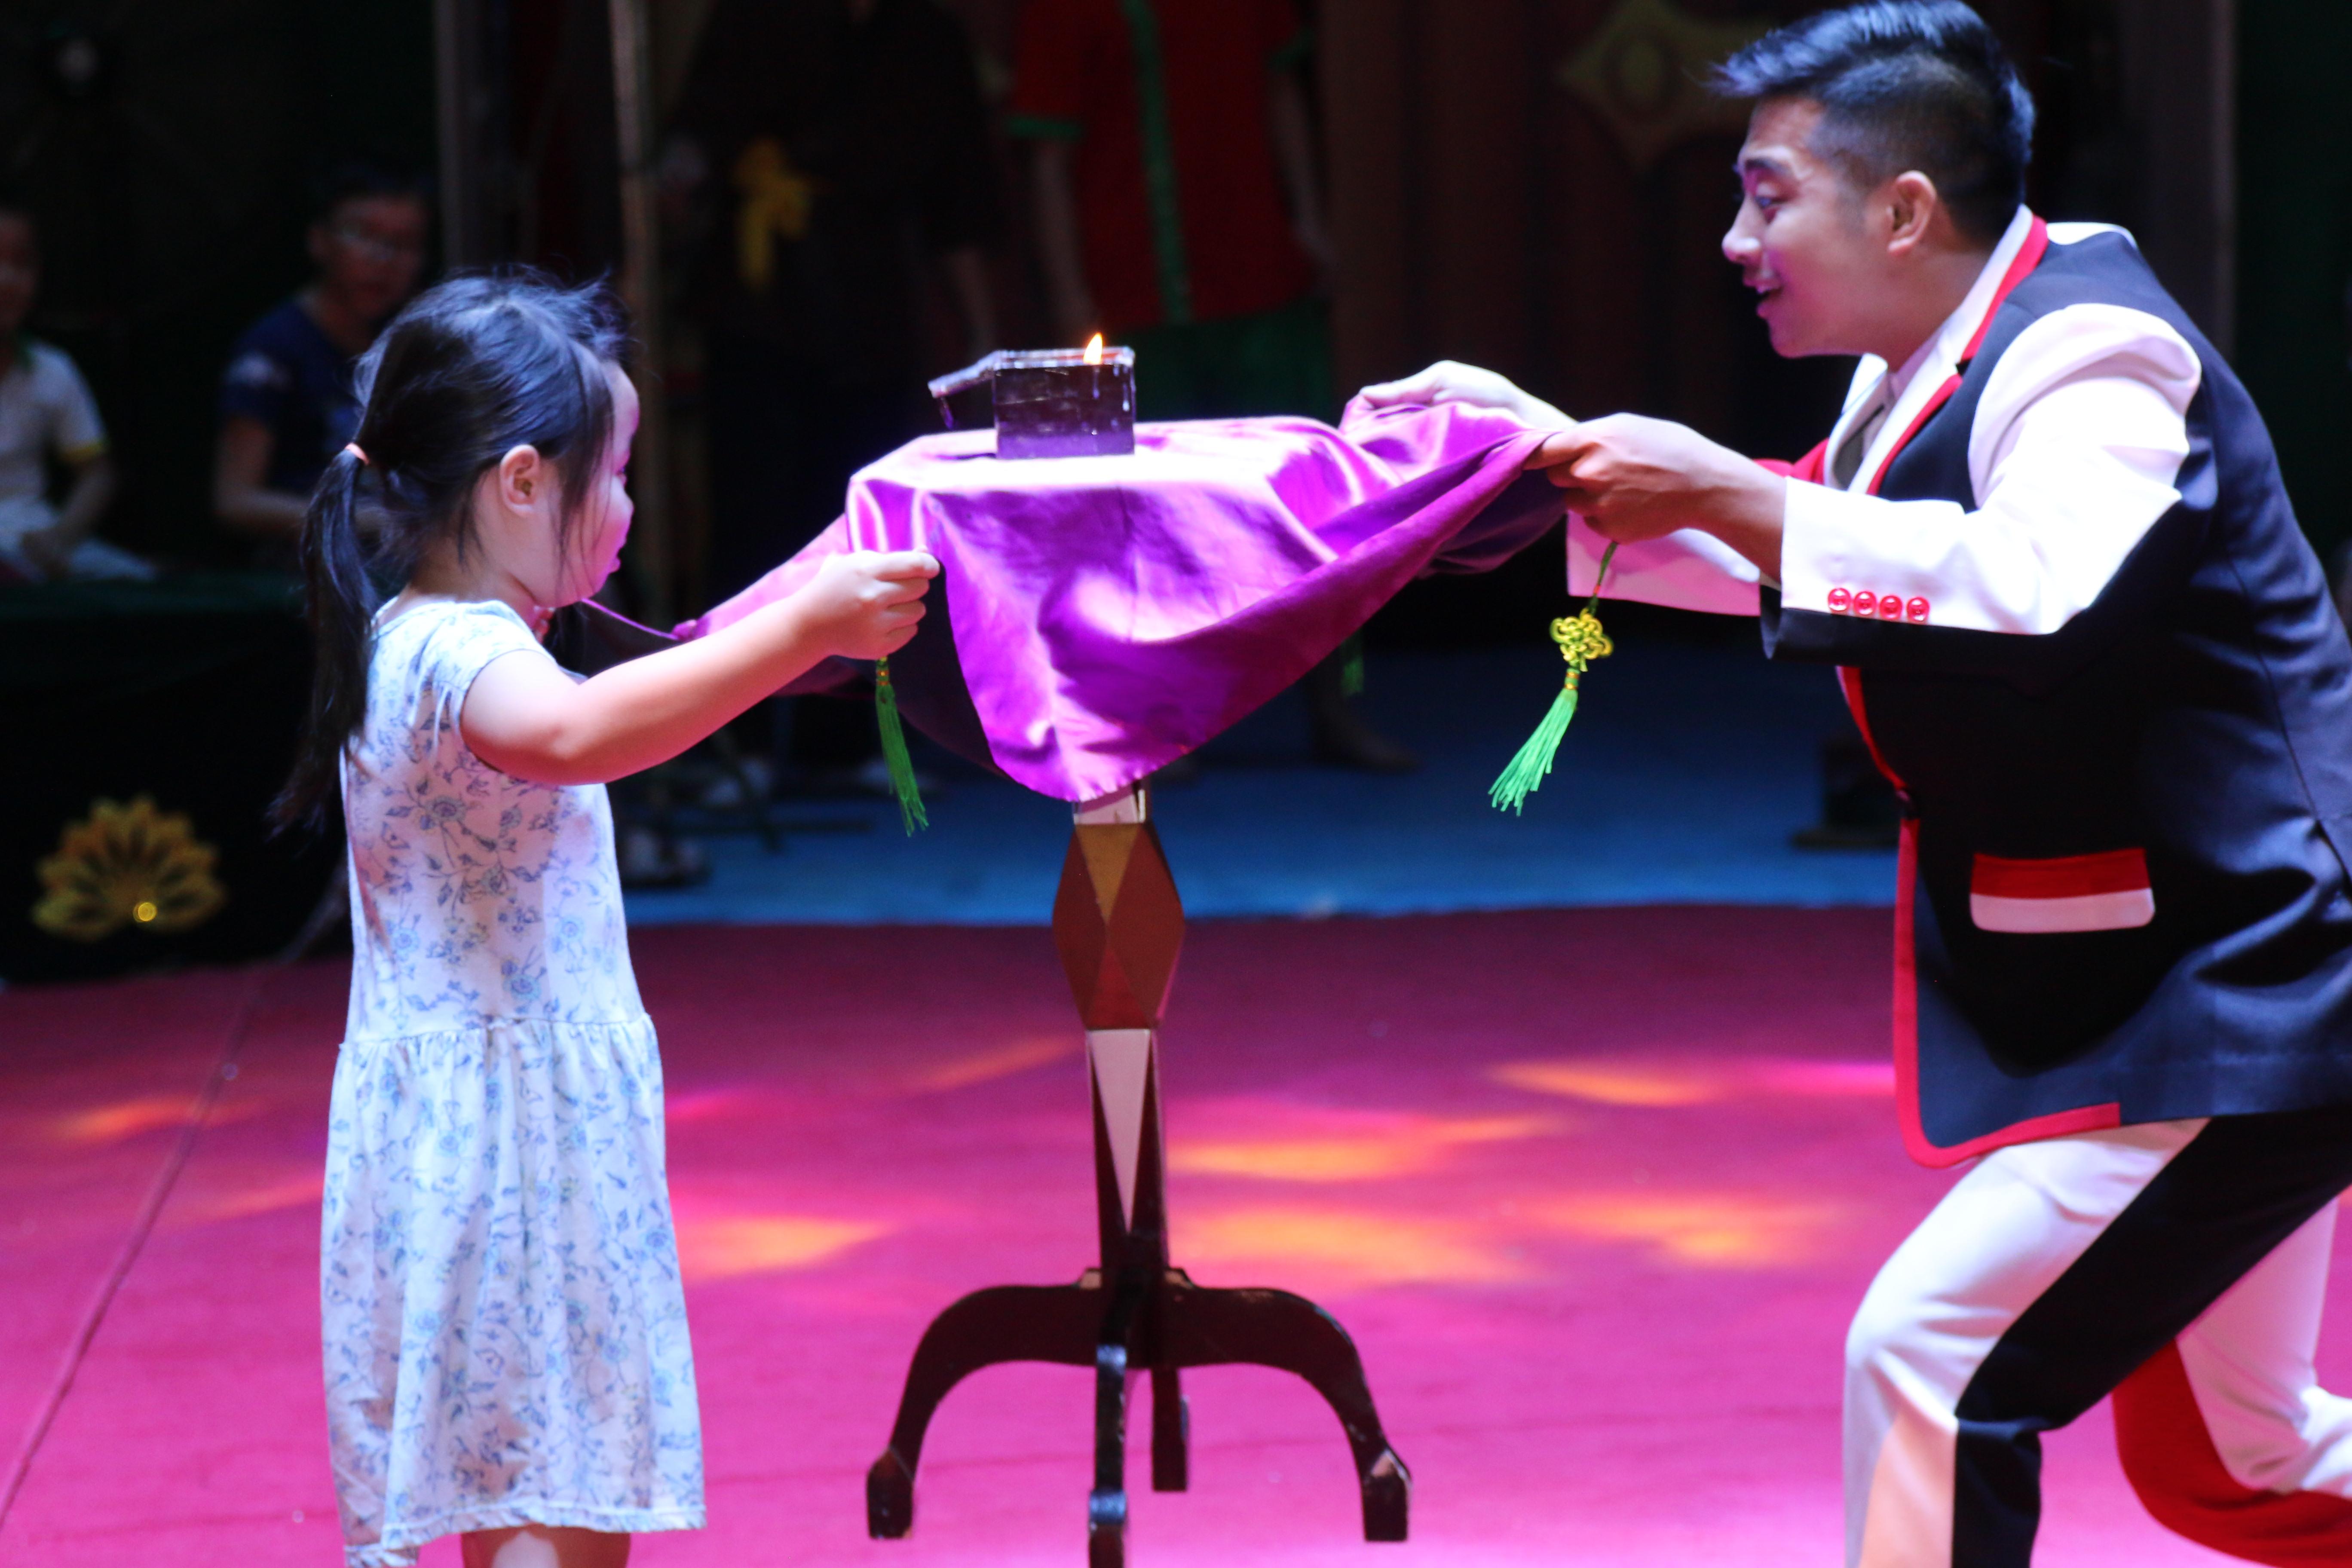 Nghệ sĩ ảo thuật giao lưu với các em nhỏ tại sân khấu. Những hoạt động trải nghiệm không chỉ giúp các con giải trí lành mạnh mà còn được học hỏi, gia tăng sự sáng tạo và kích thích khát khao khám phá.